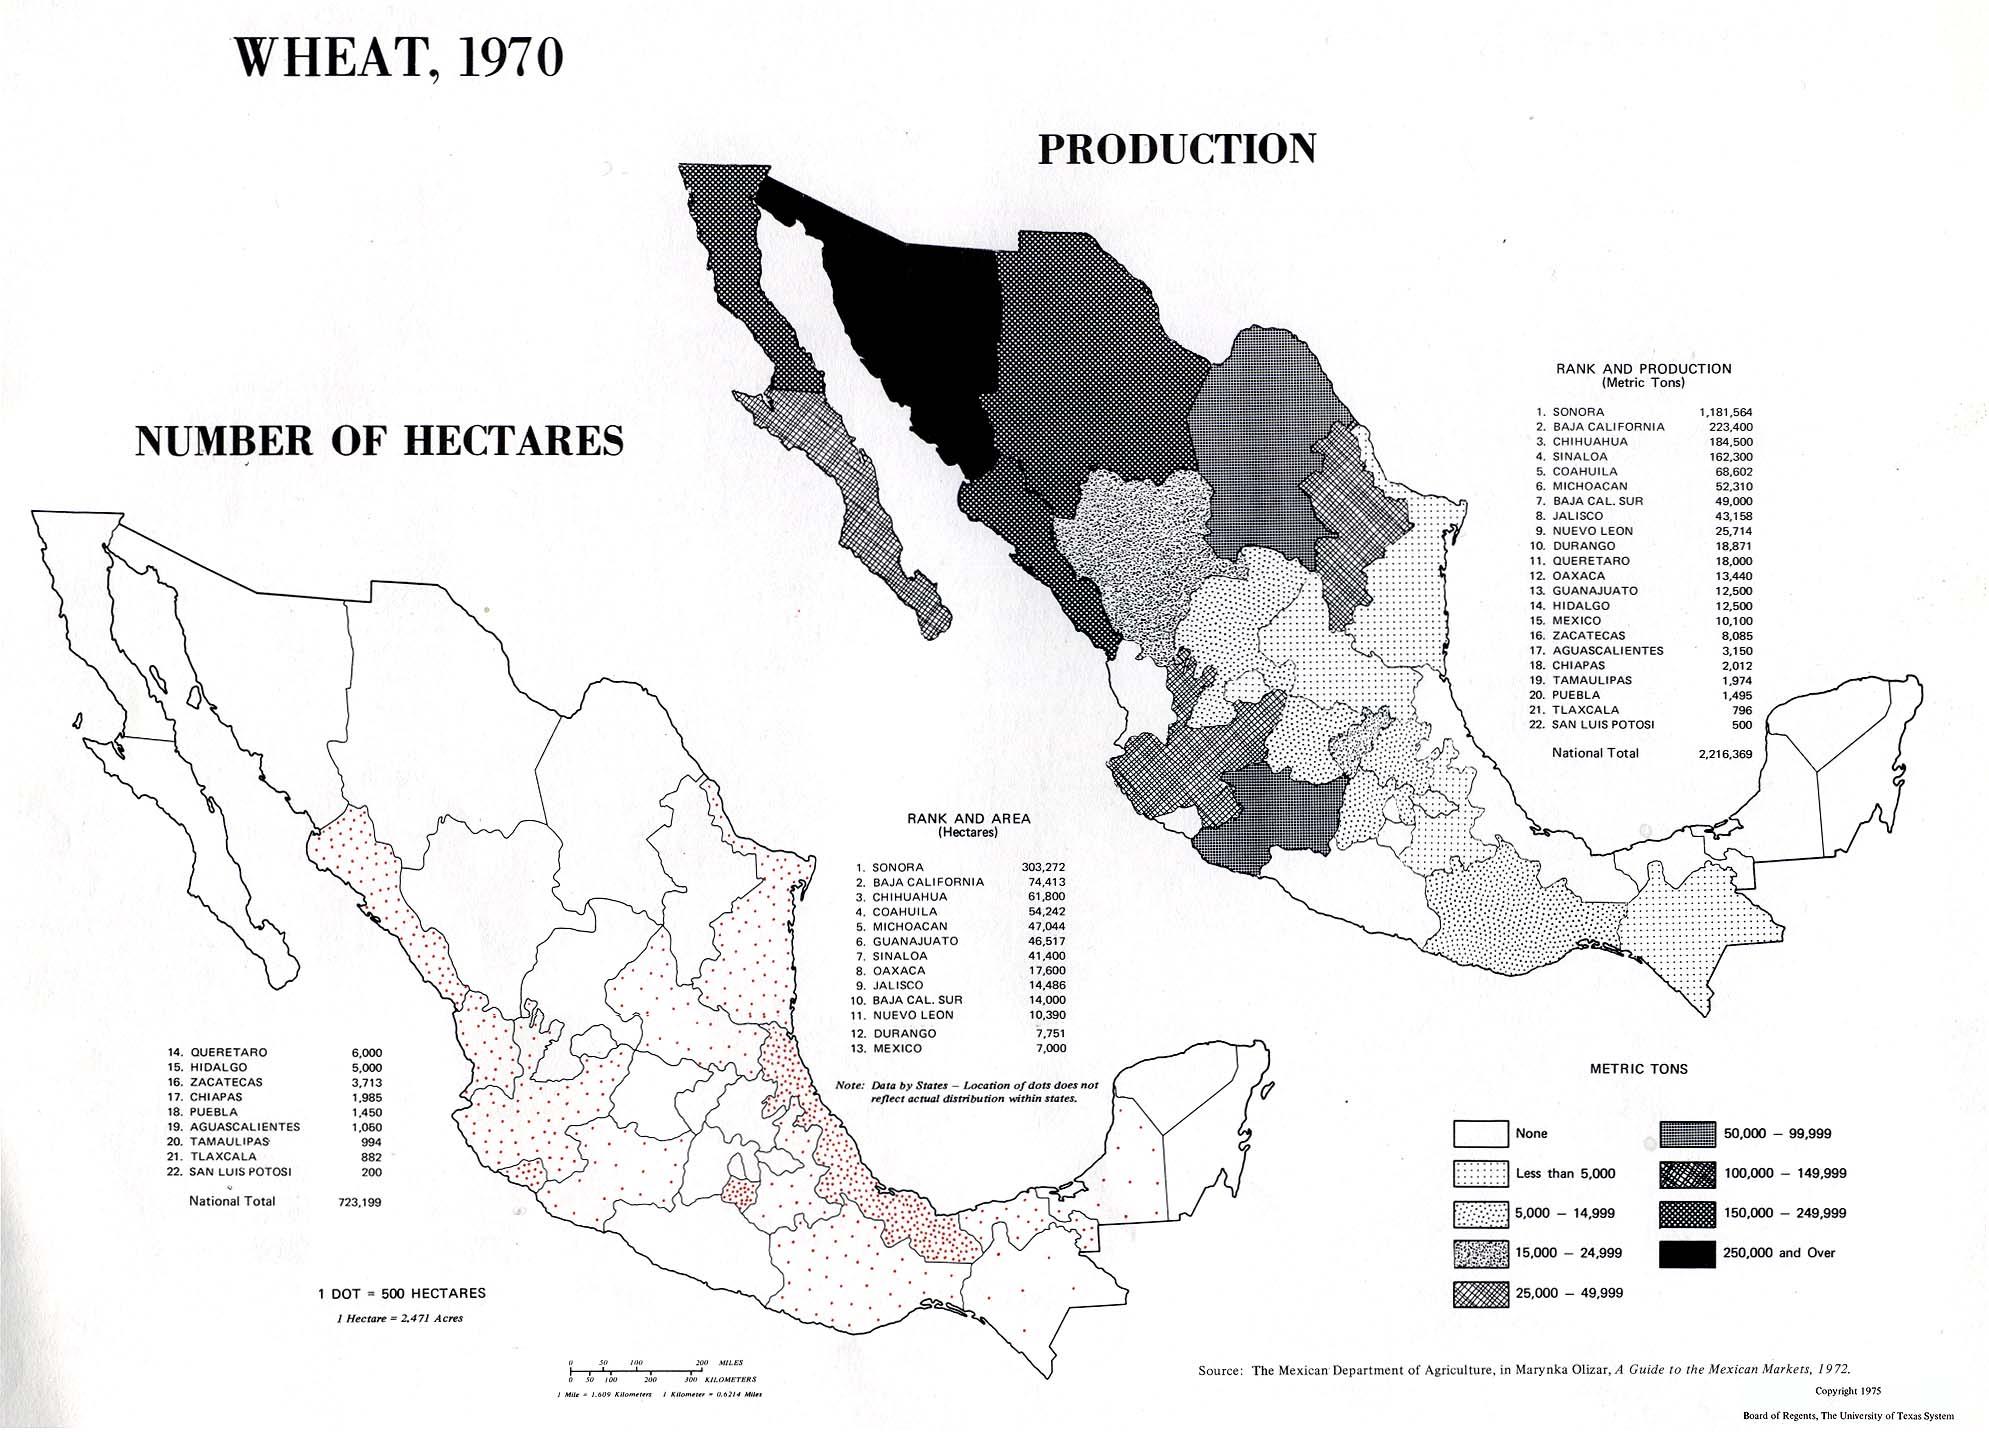 Mapa de Producción de Trigo en México 1970